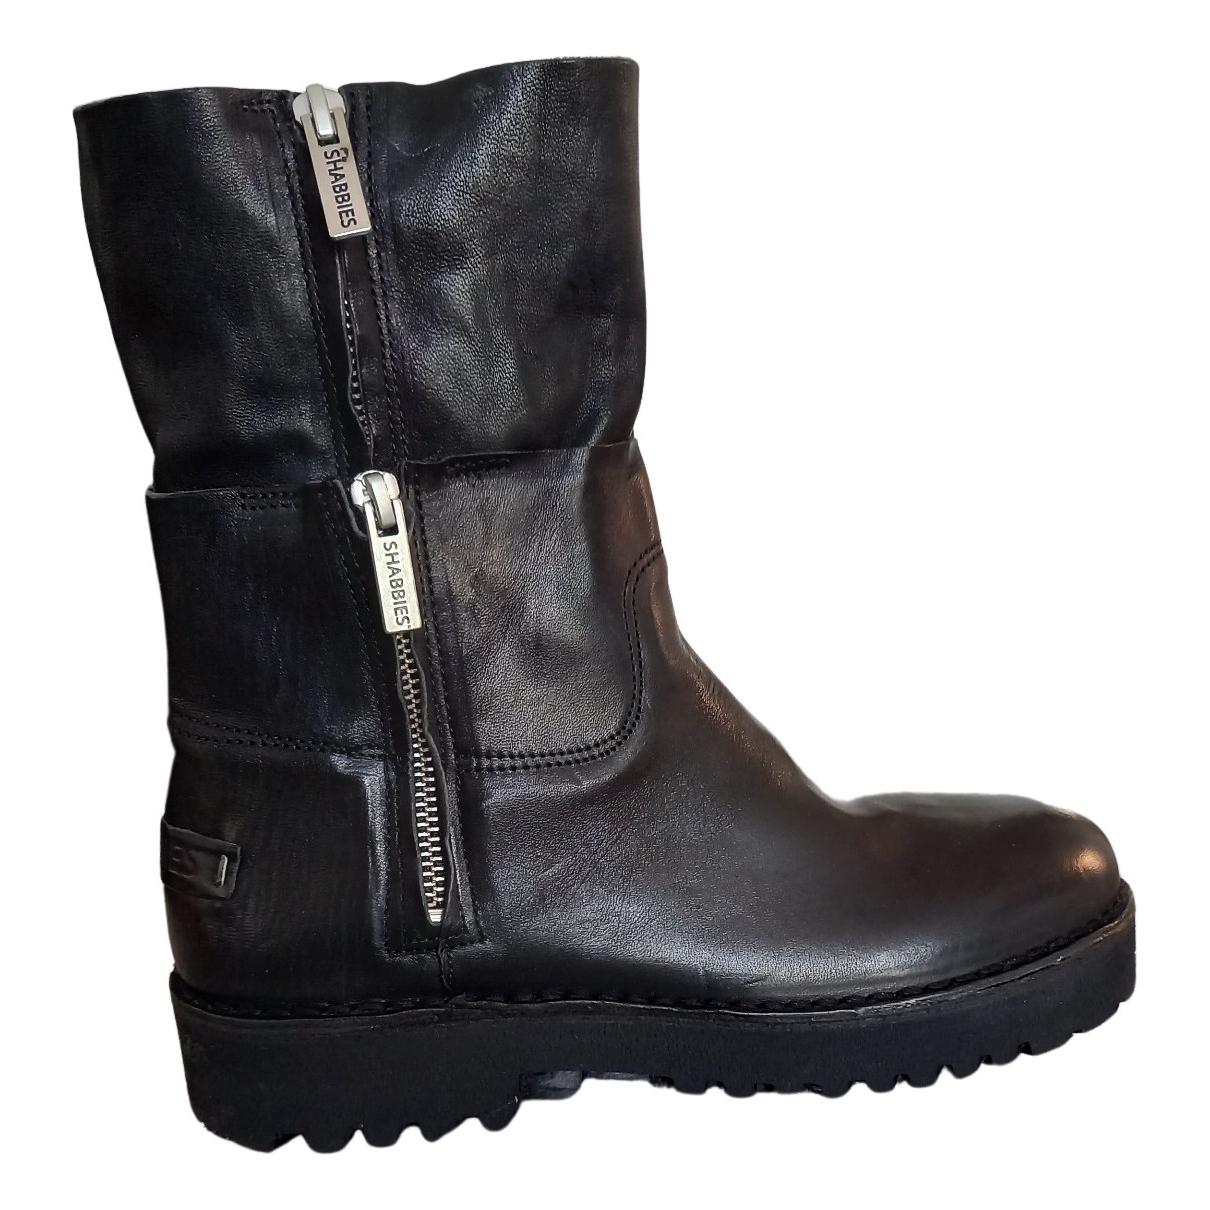 Shabbies - Bottes.Boots   pour homme en cuir - noir